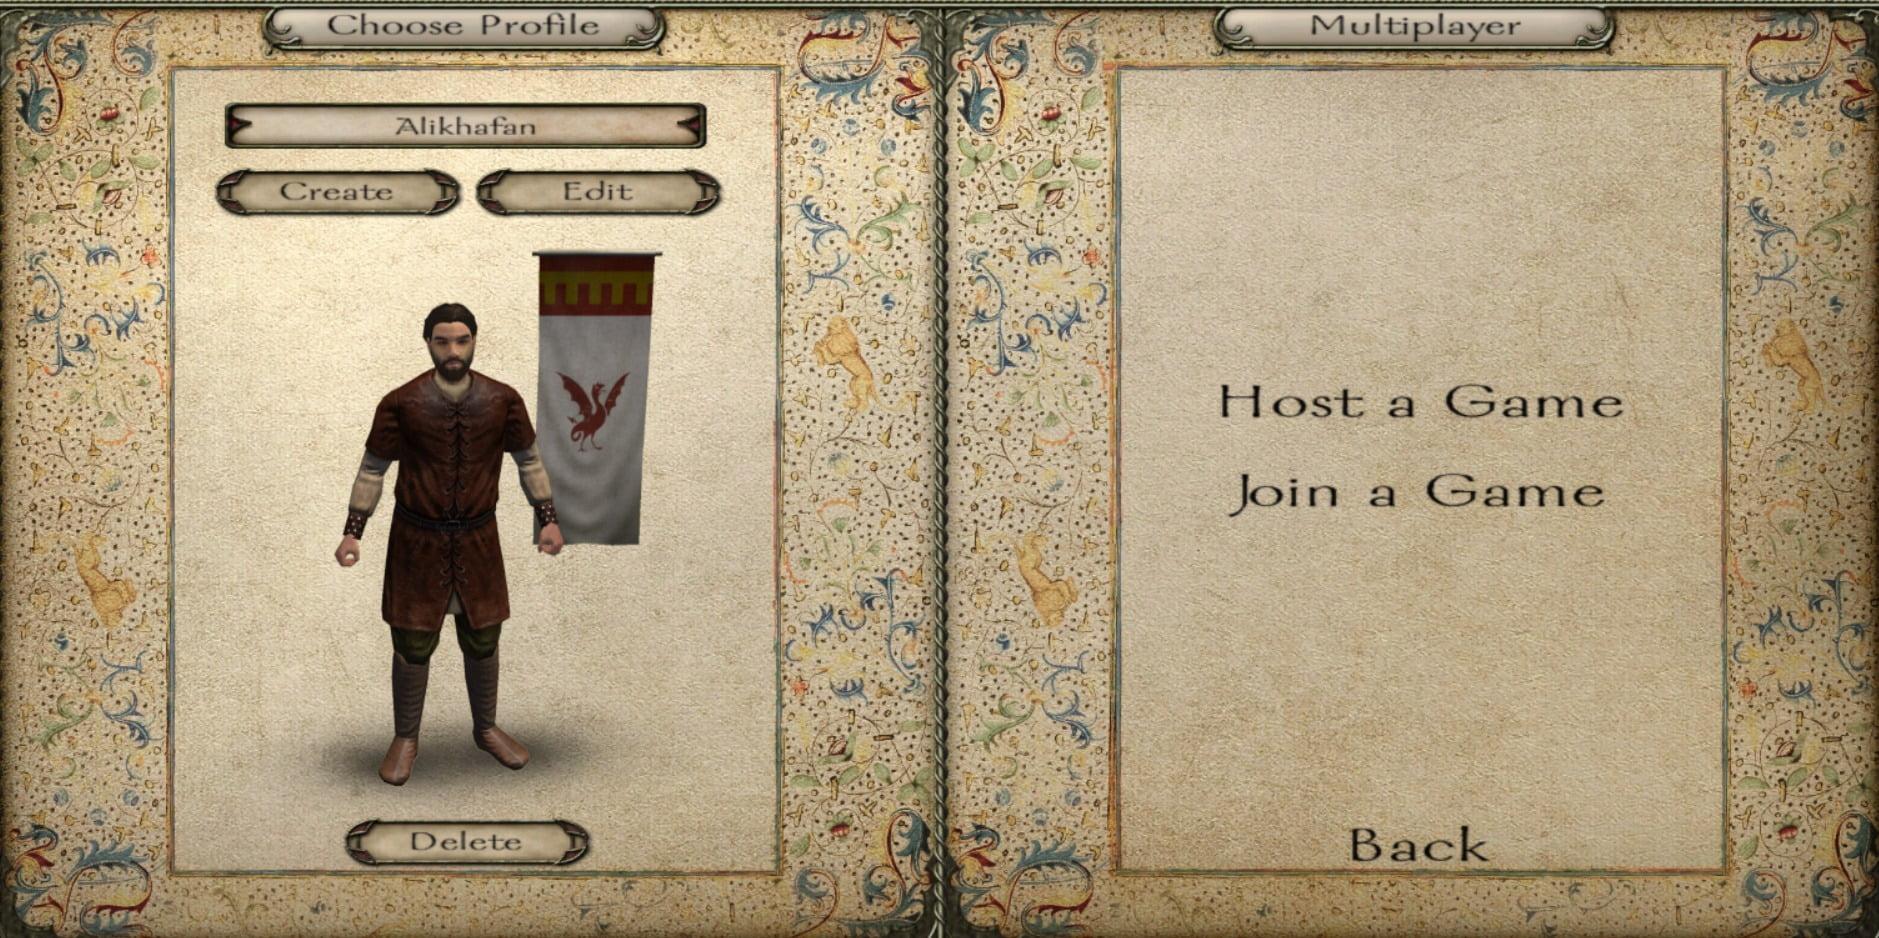 تصویری از صفحه درست کردن کارکتر و ورود به سرورهای بازی از طریق Join a Game